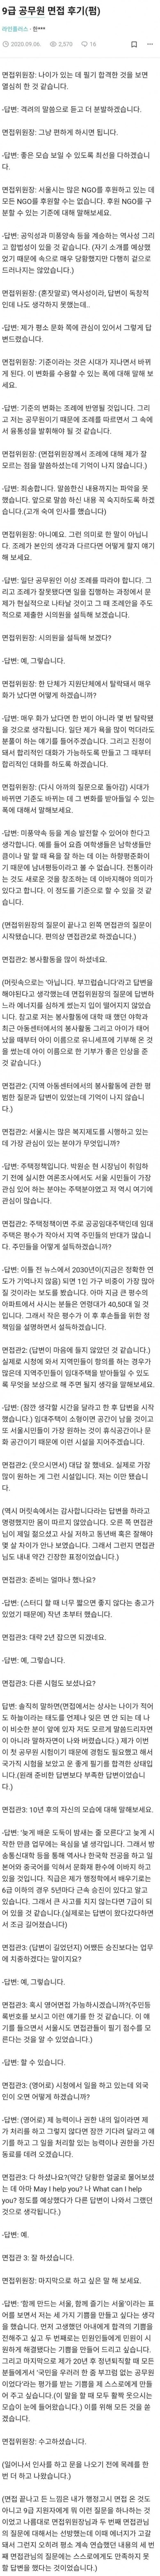 서울시 9급 공무원 면접 후기.jpg | 인스티즈